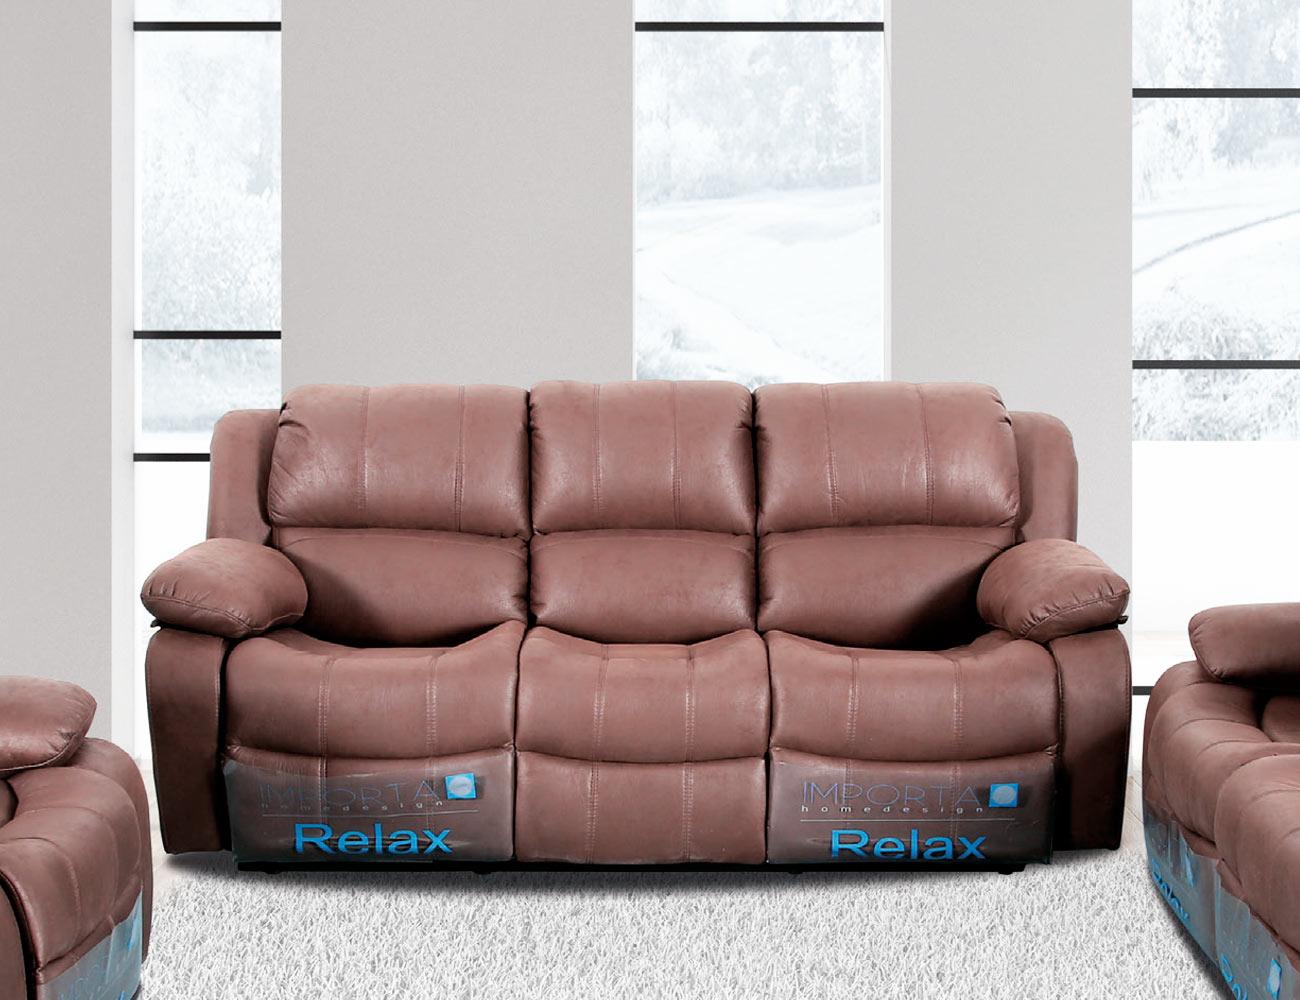 Sofa 3 plazas relax marron